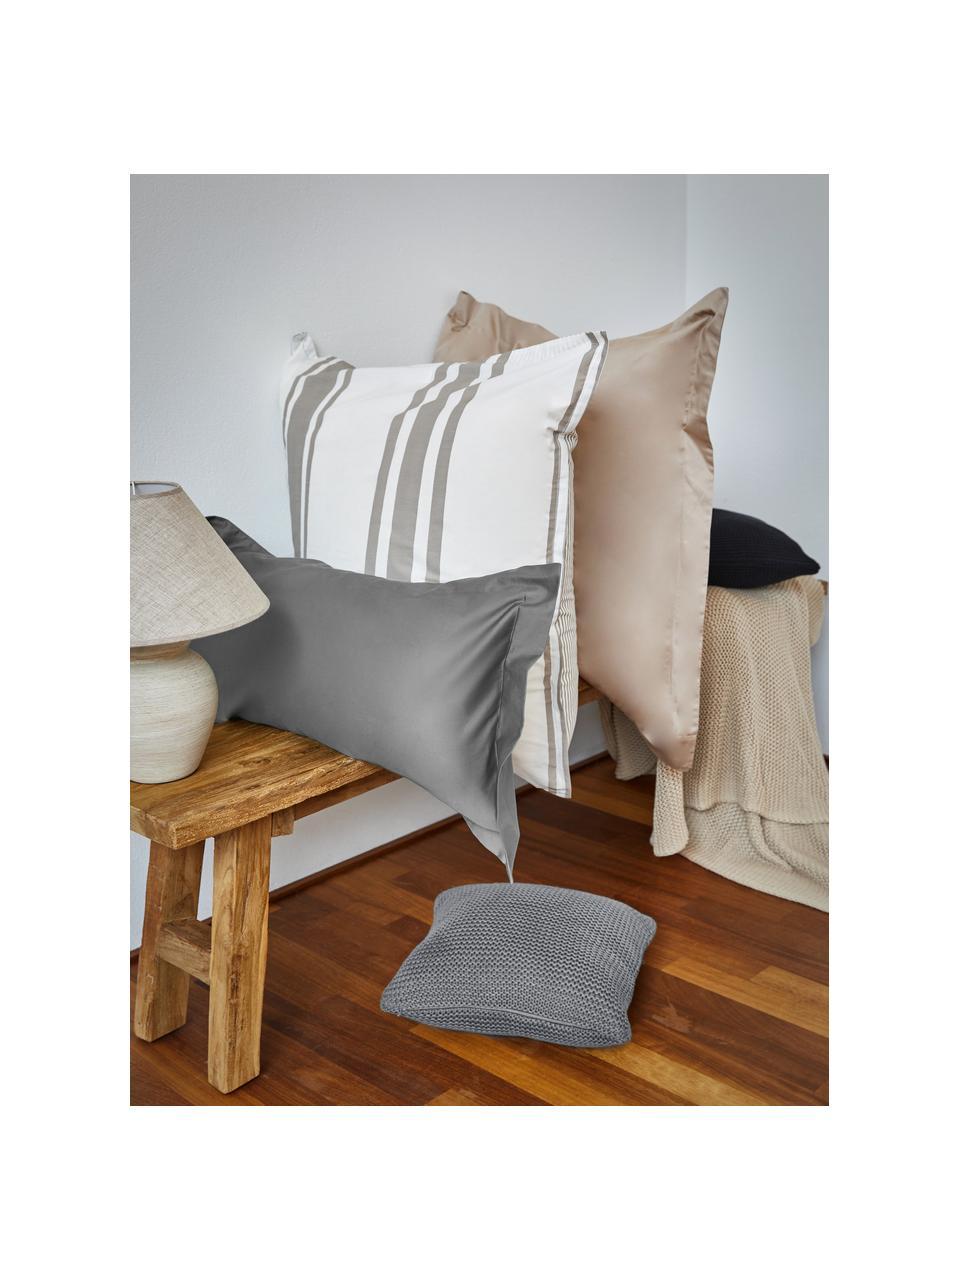 Poszewka na poduszkę z bawełny organicznej  Adalyn, 100% bawełna organiczna, certyfikat GOTS, Jasny szary, S 60 x D 60 cm